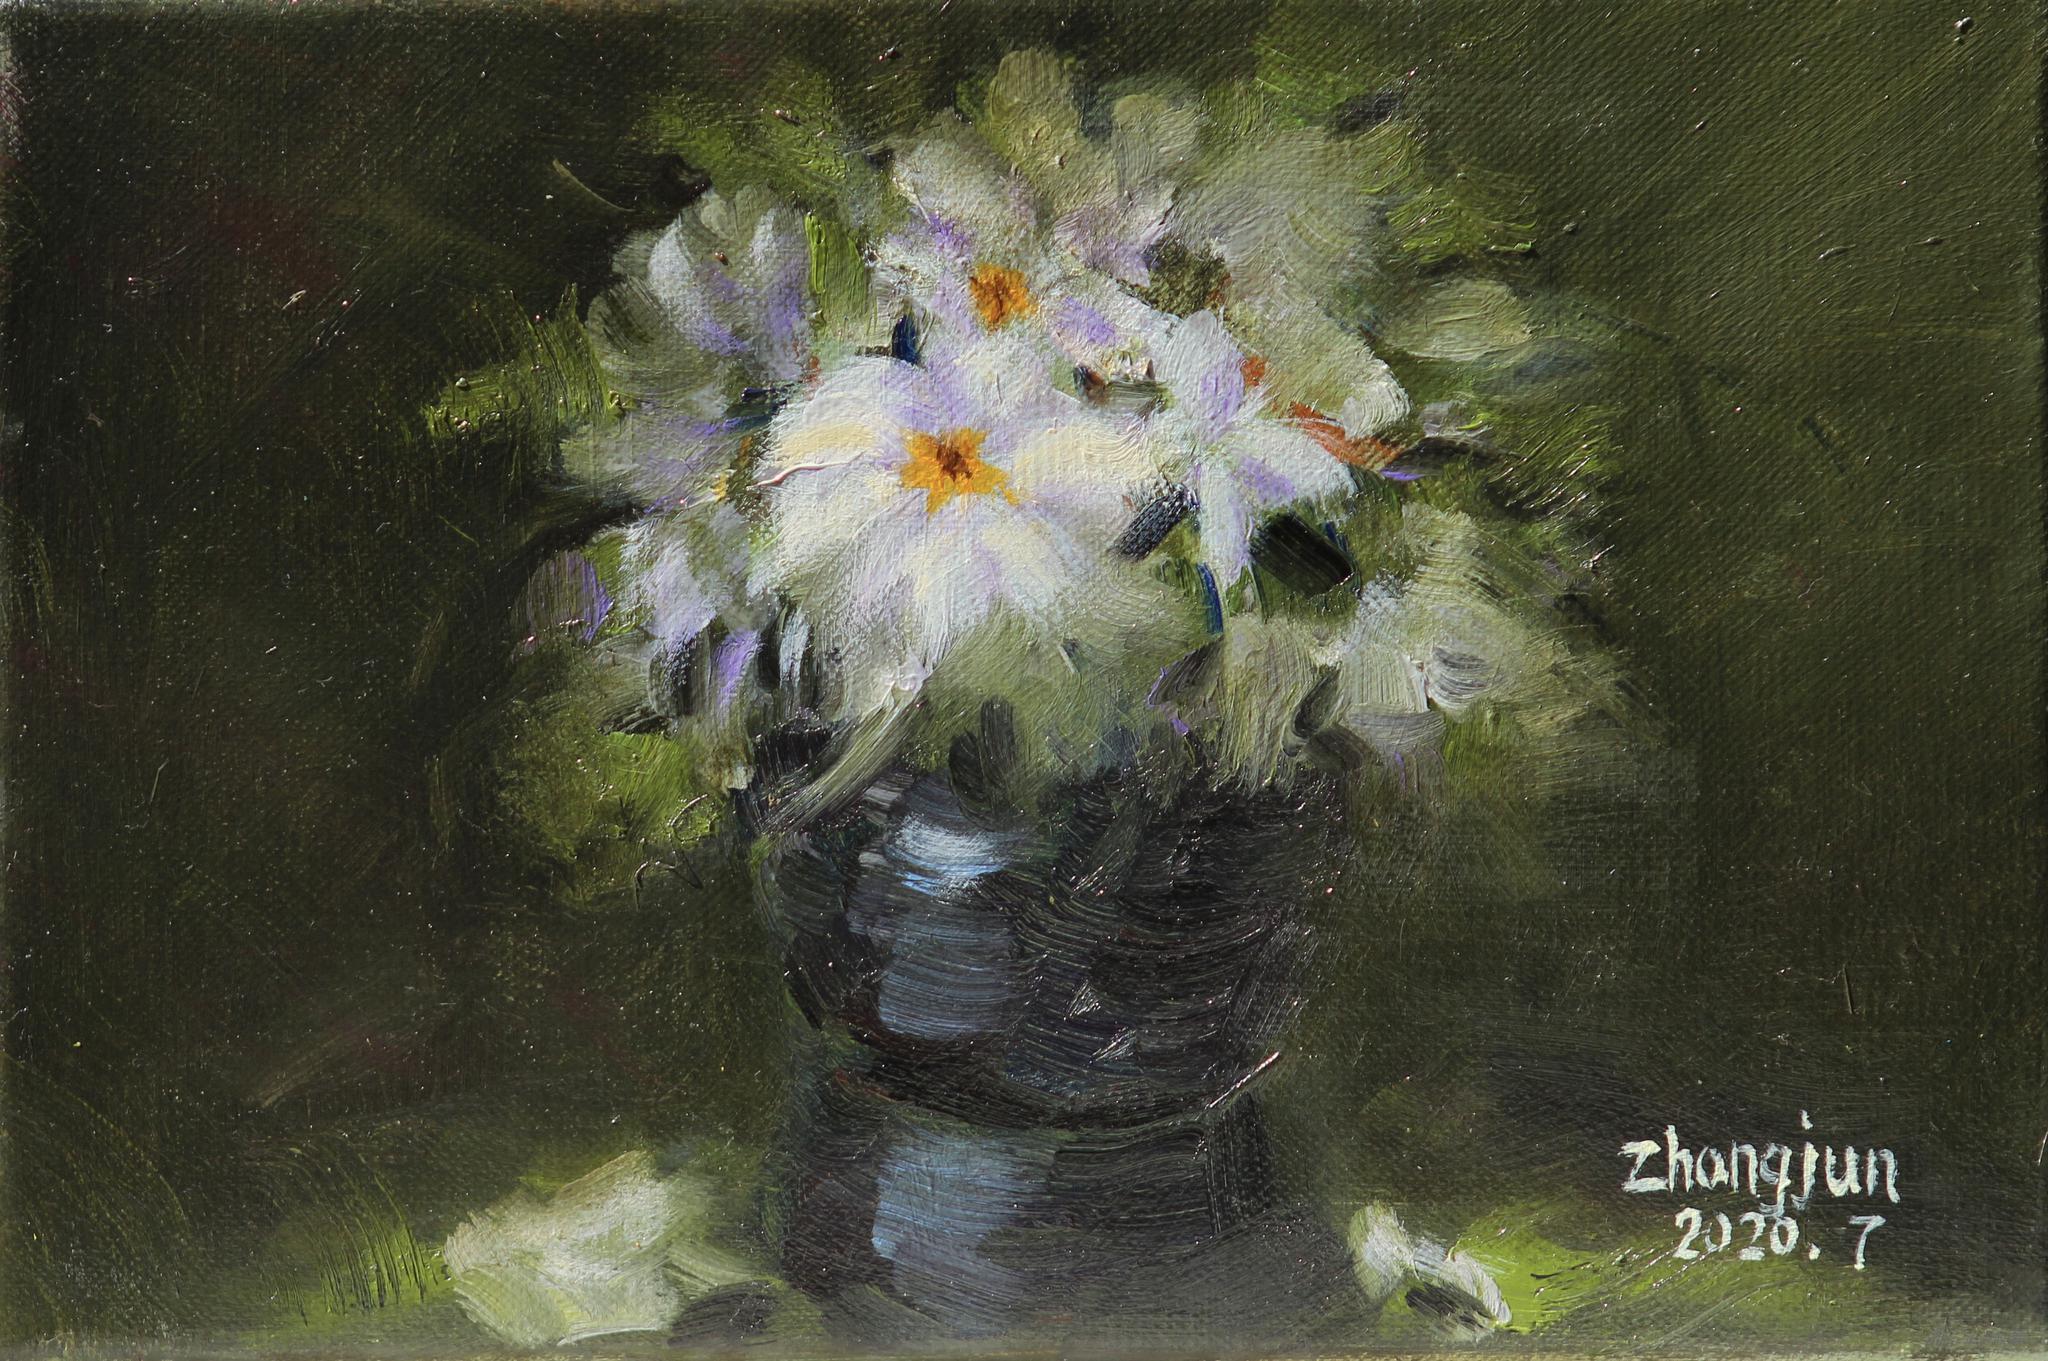 钟俊《一帘幽梦》20 x 30 cm 布面油画 2020